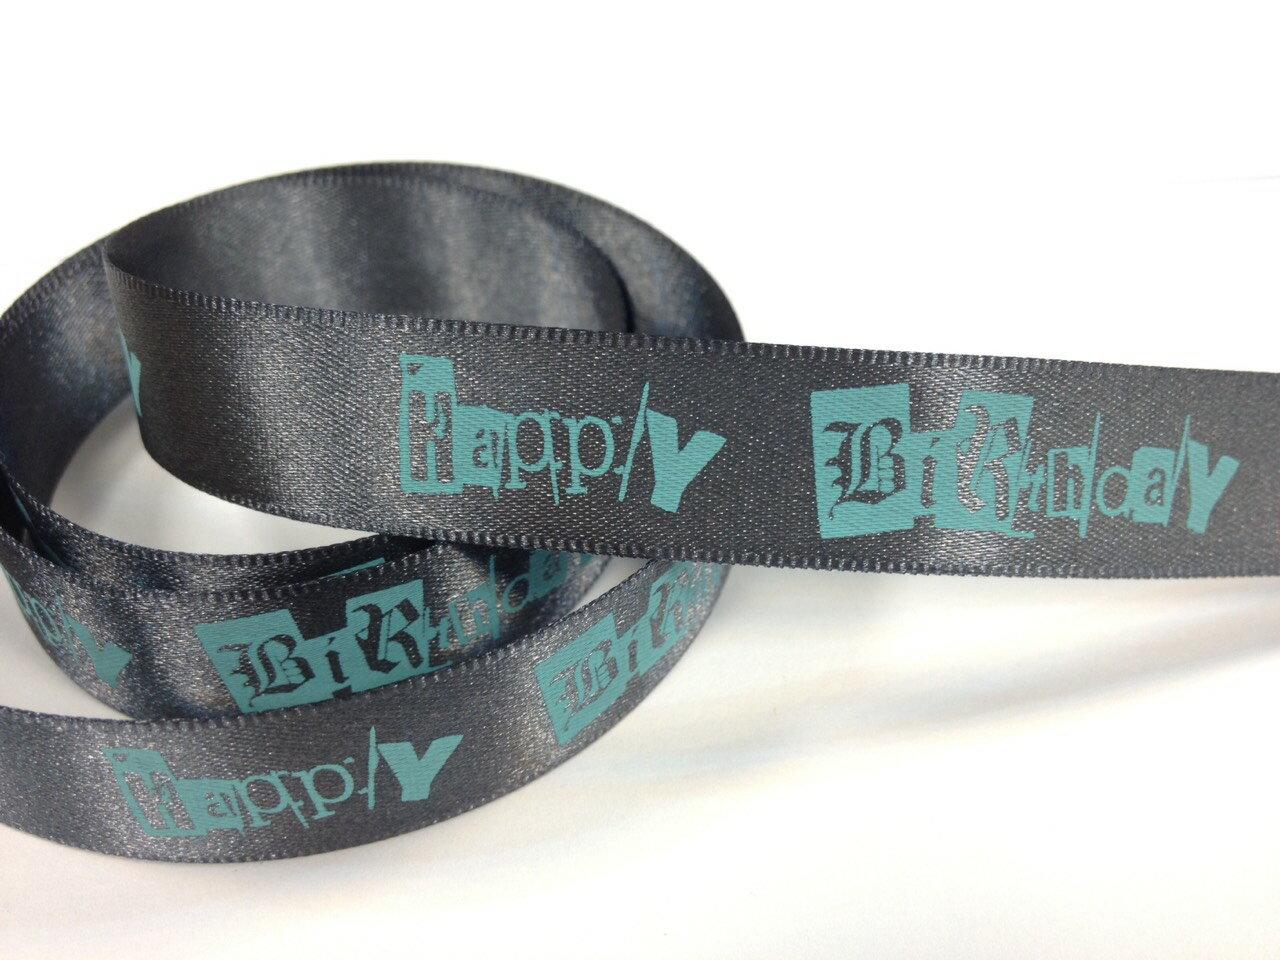 雙面緞緞帶生日快樂-塗鴉15mm3碼 1